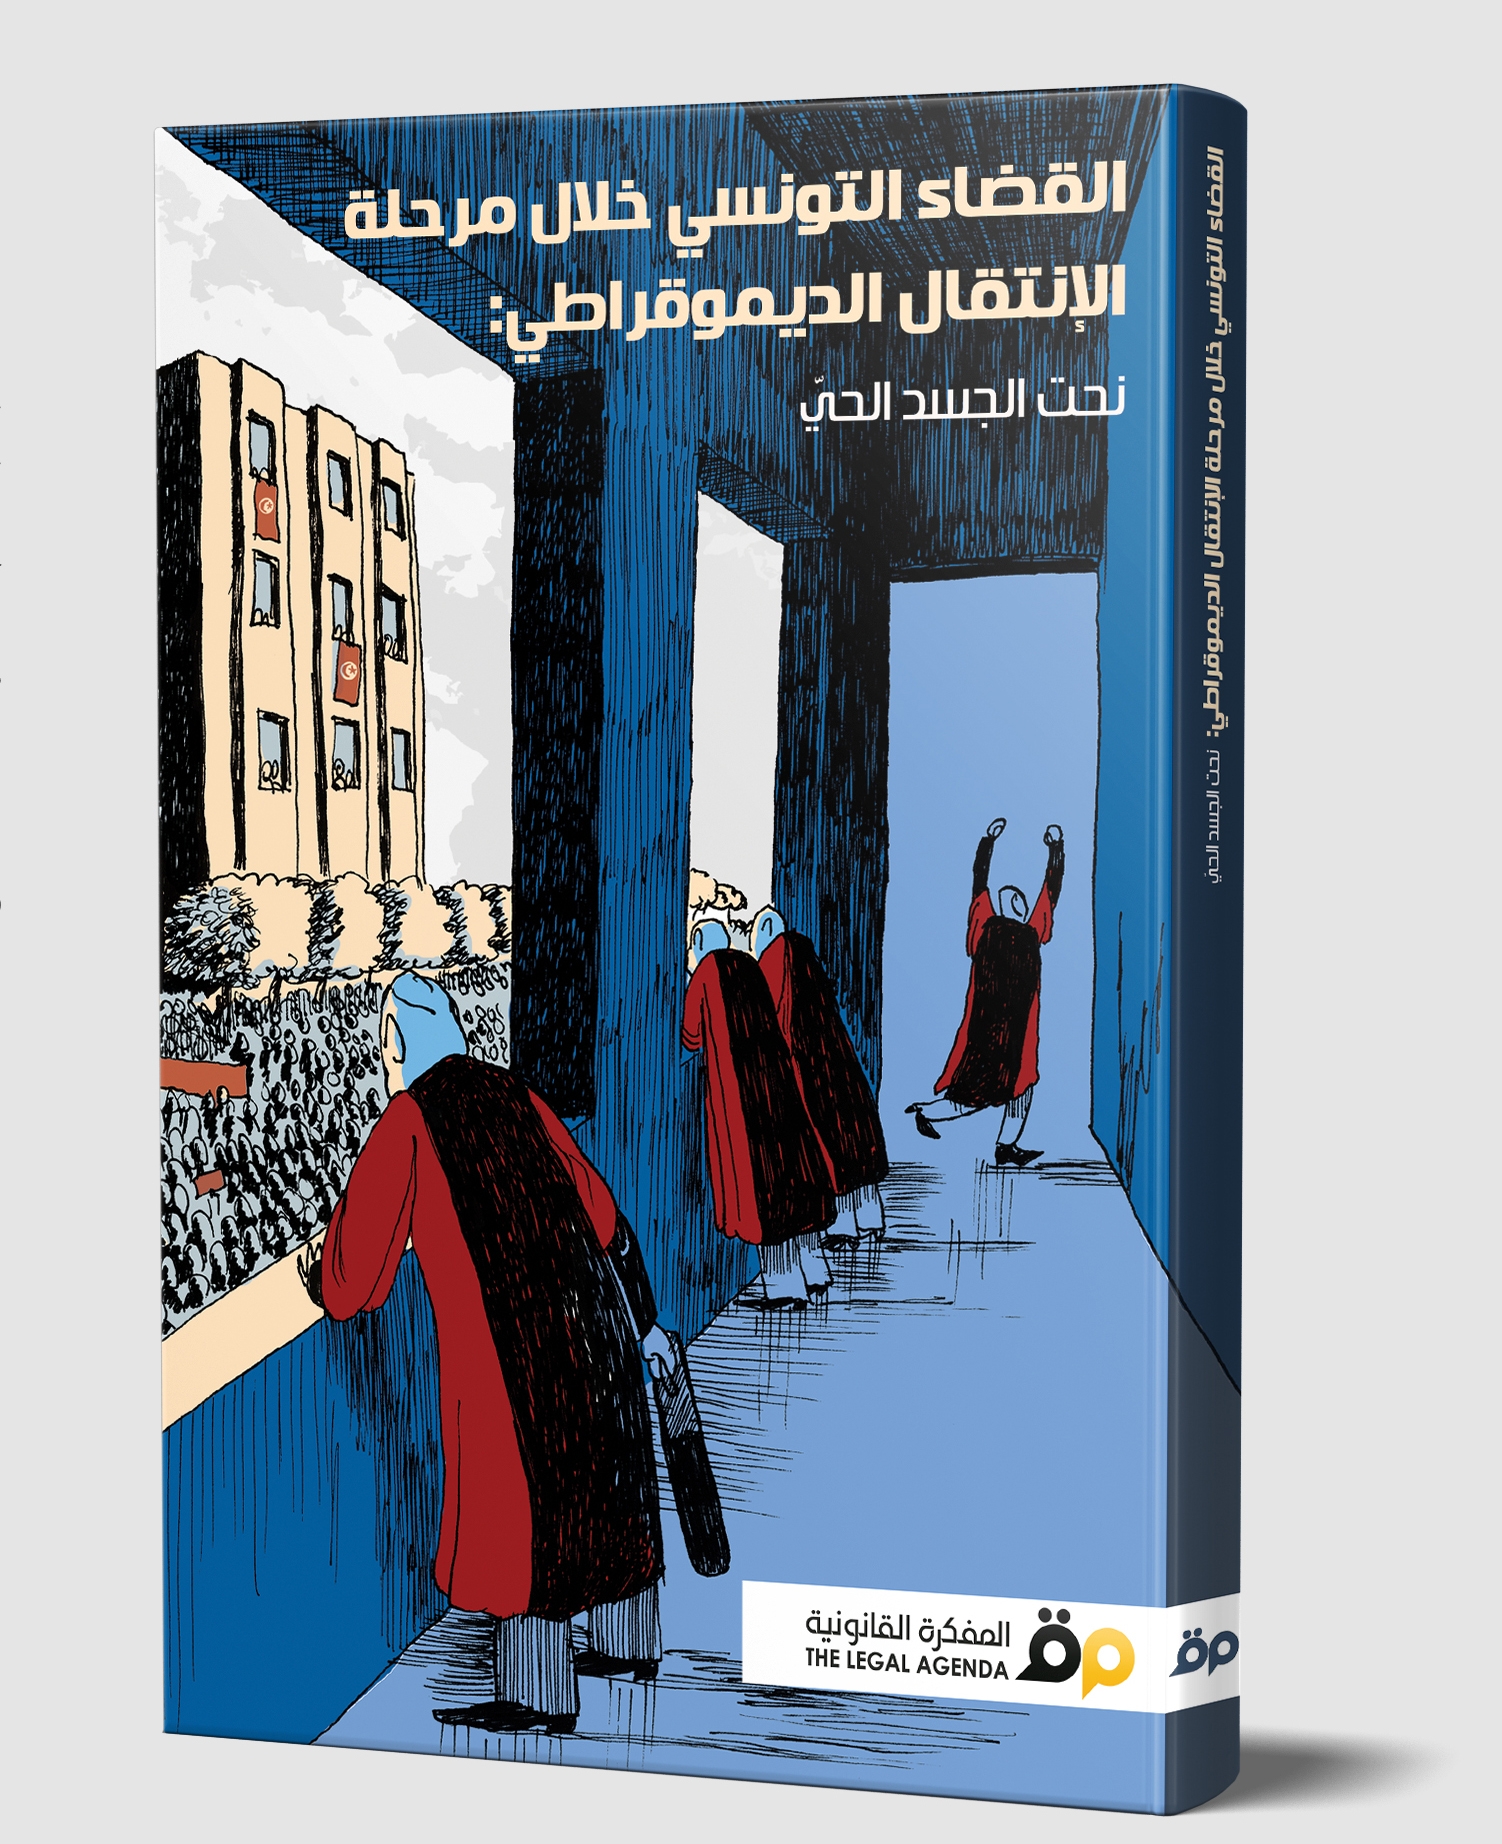 القضاء التونسي خلال مرحلة الإنتقال الديموقراطي: نحت الجسد الحي